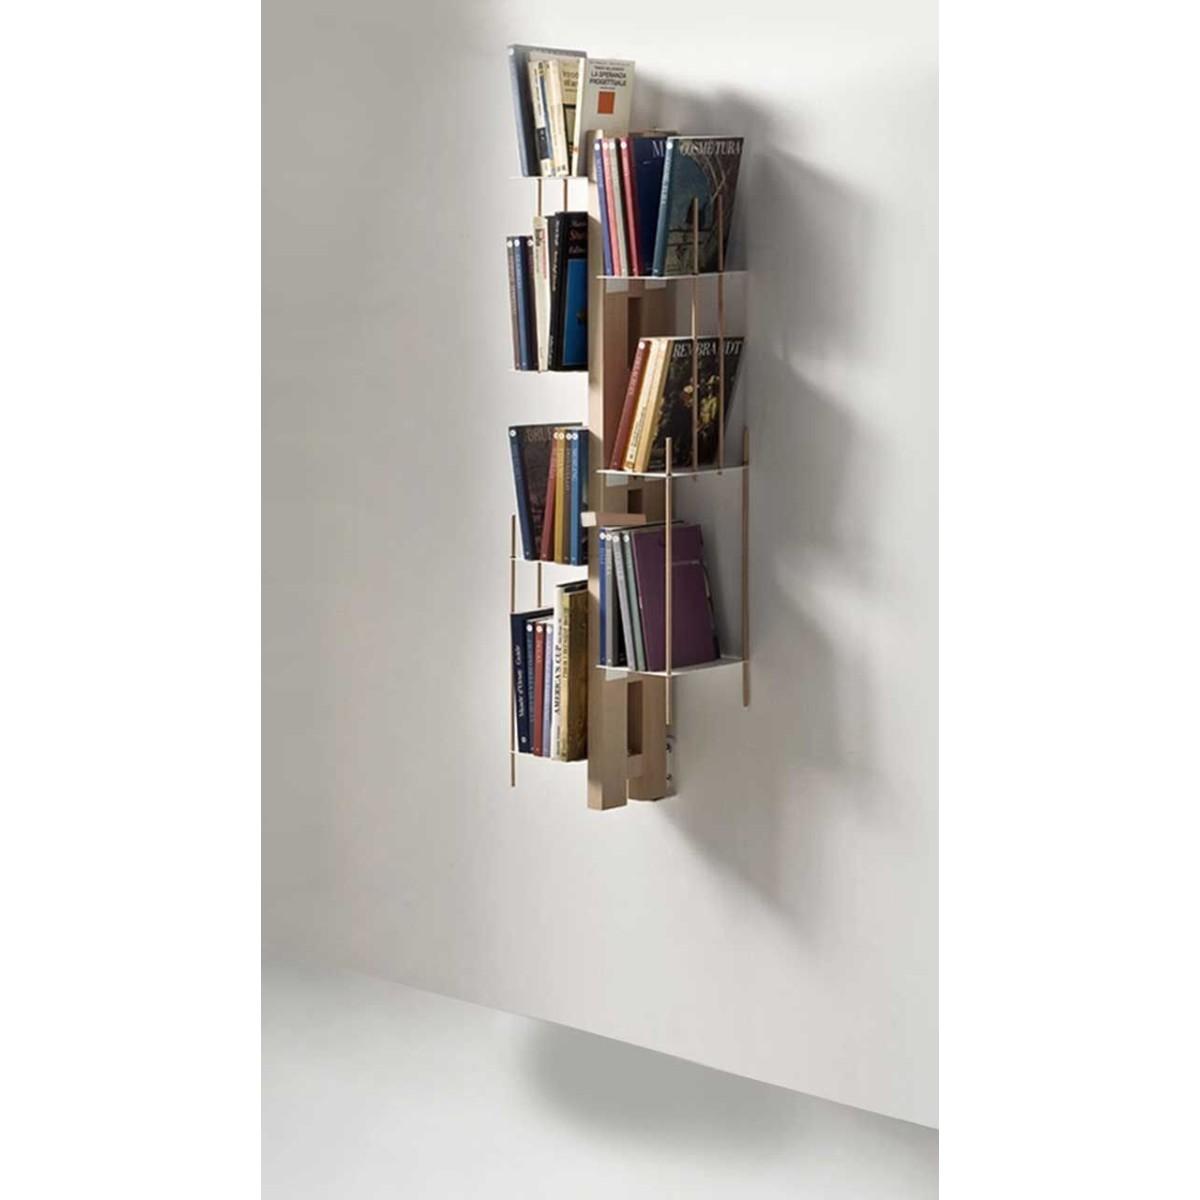 Zia Veronica libreria sospesa a muro in legno e metallo 65 cm